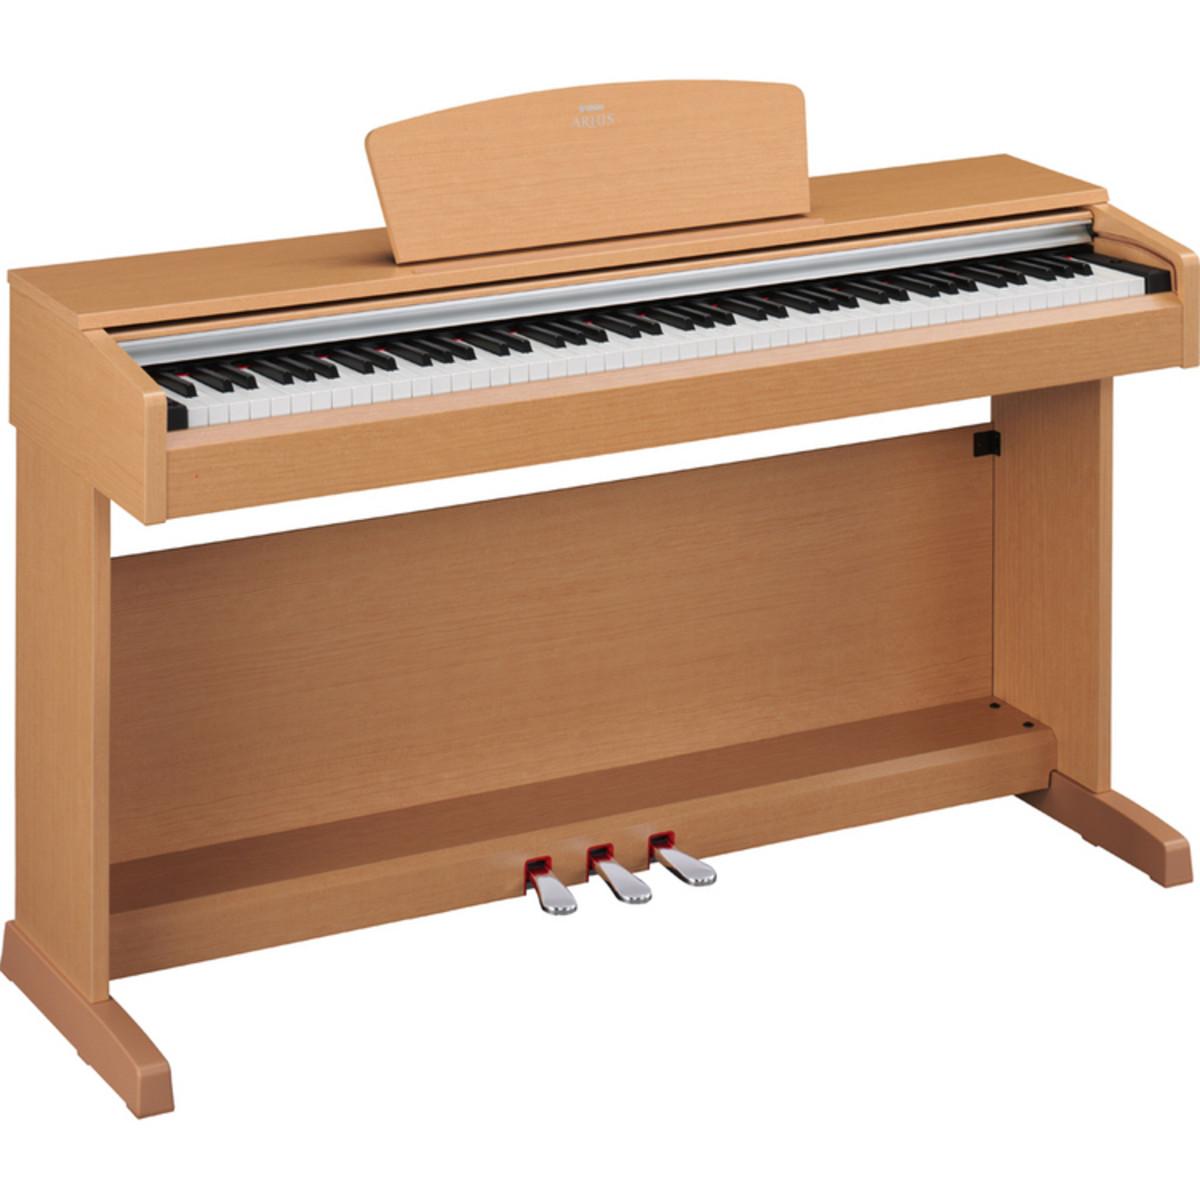 Disc yamaha arius ydp 141 digital piano light cherry at for Yamaha dgx640c digital piano cherry